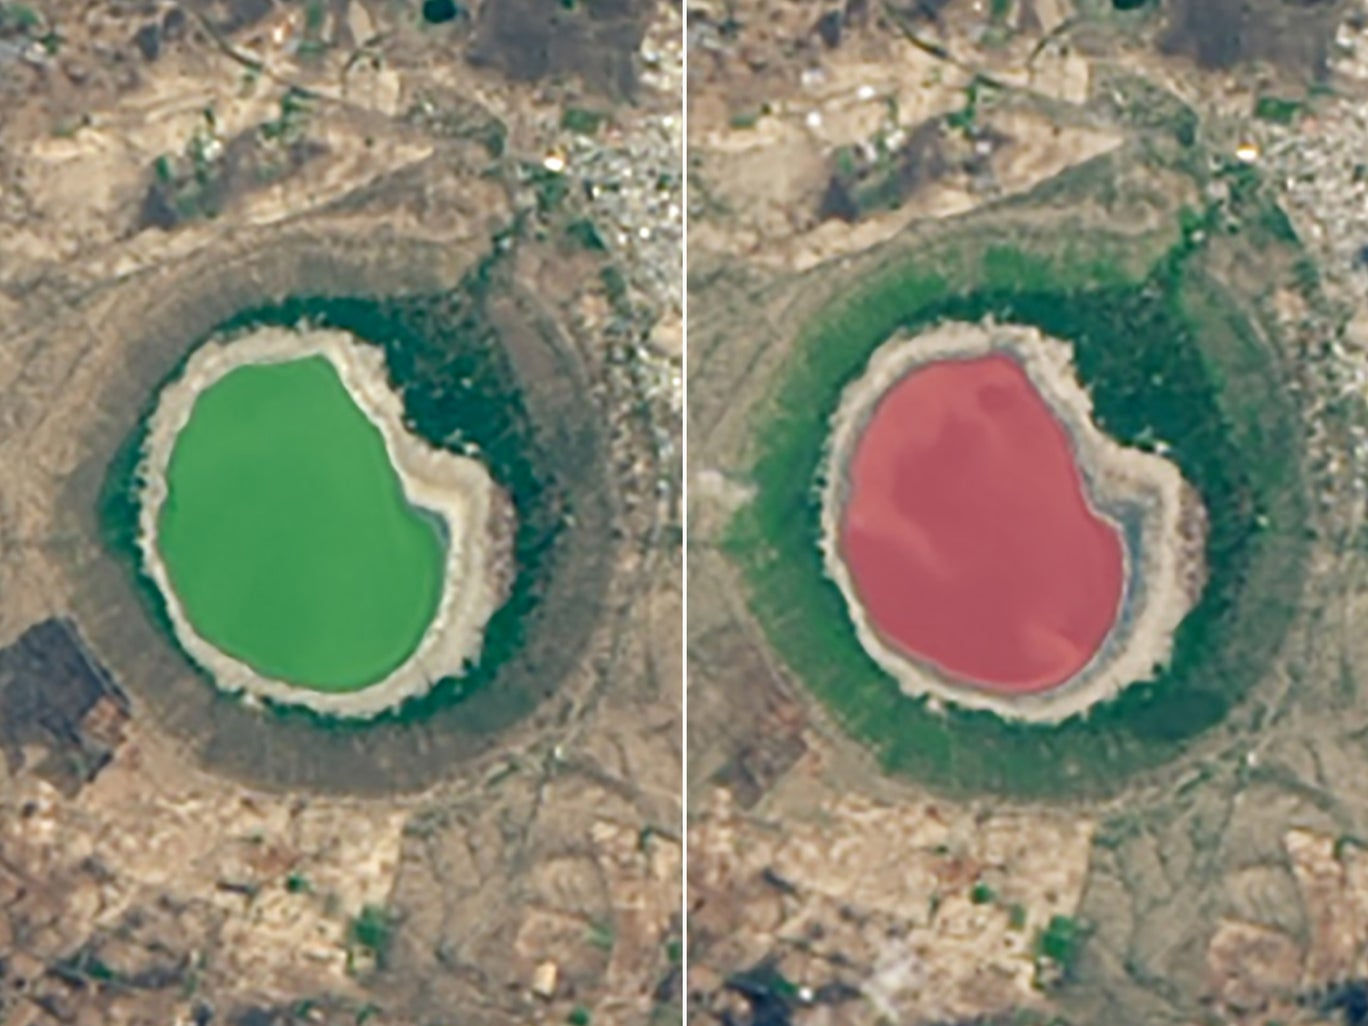 """بحيرة """"لونار"""" في الهند قبل وبعد تحولها إلى اللون الأحمر والأسباب غير معروفة بعد (عن ناسا)"""